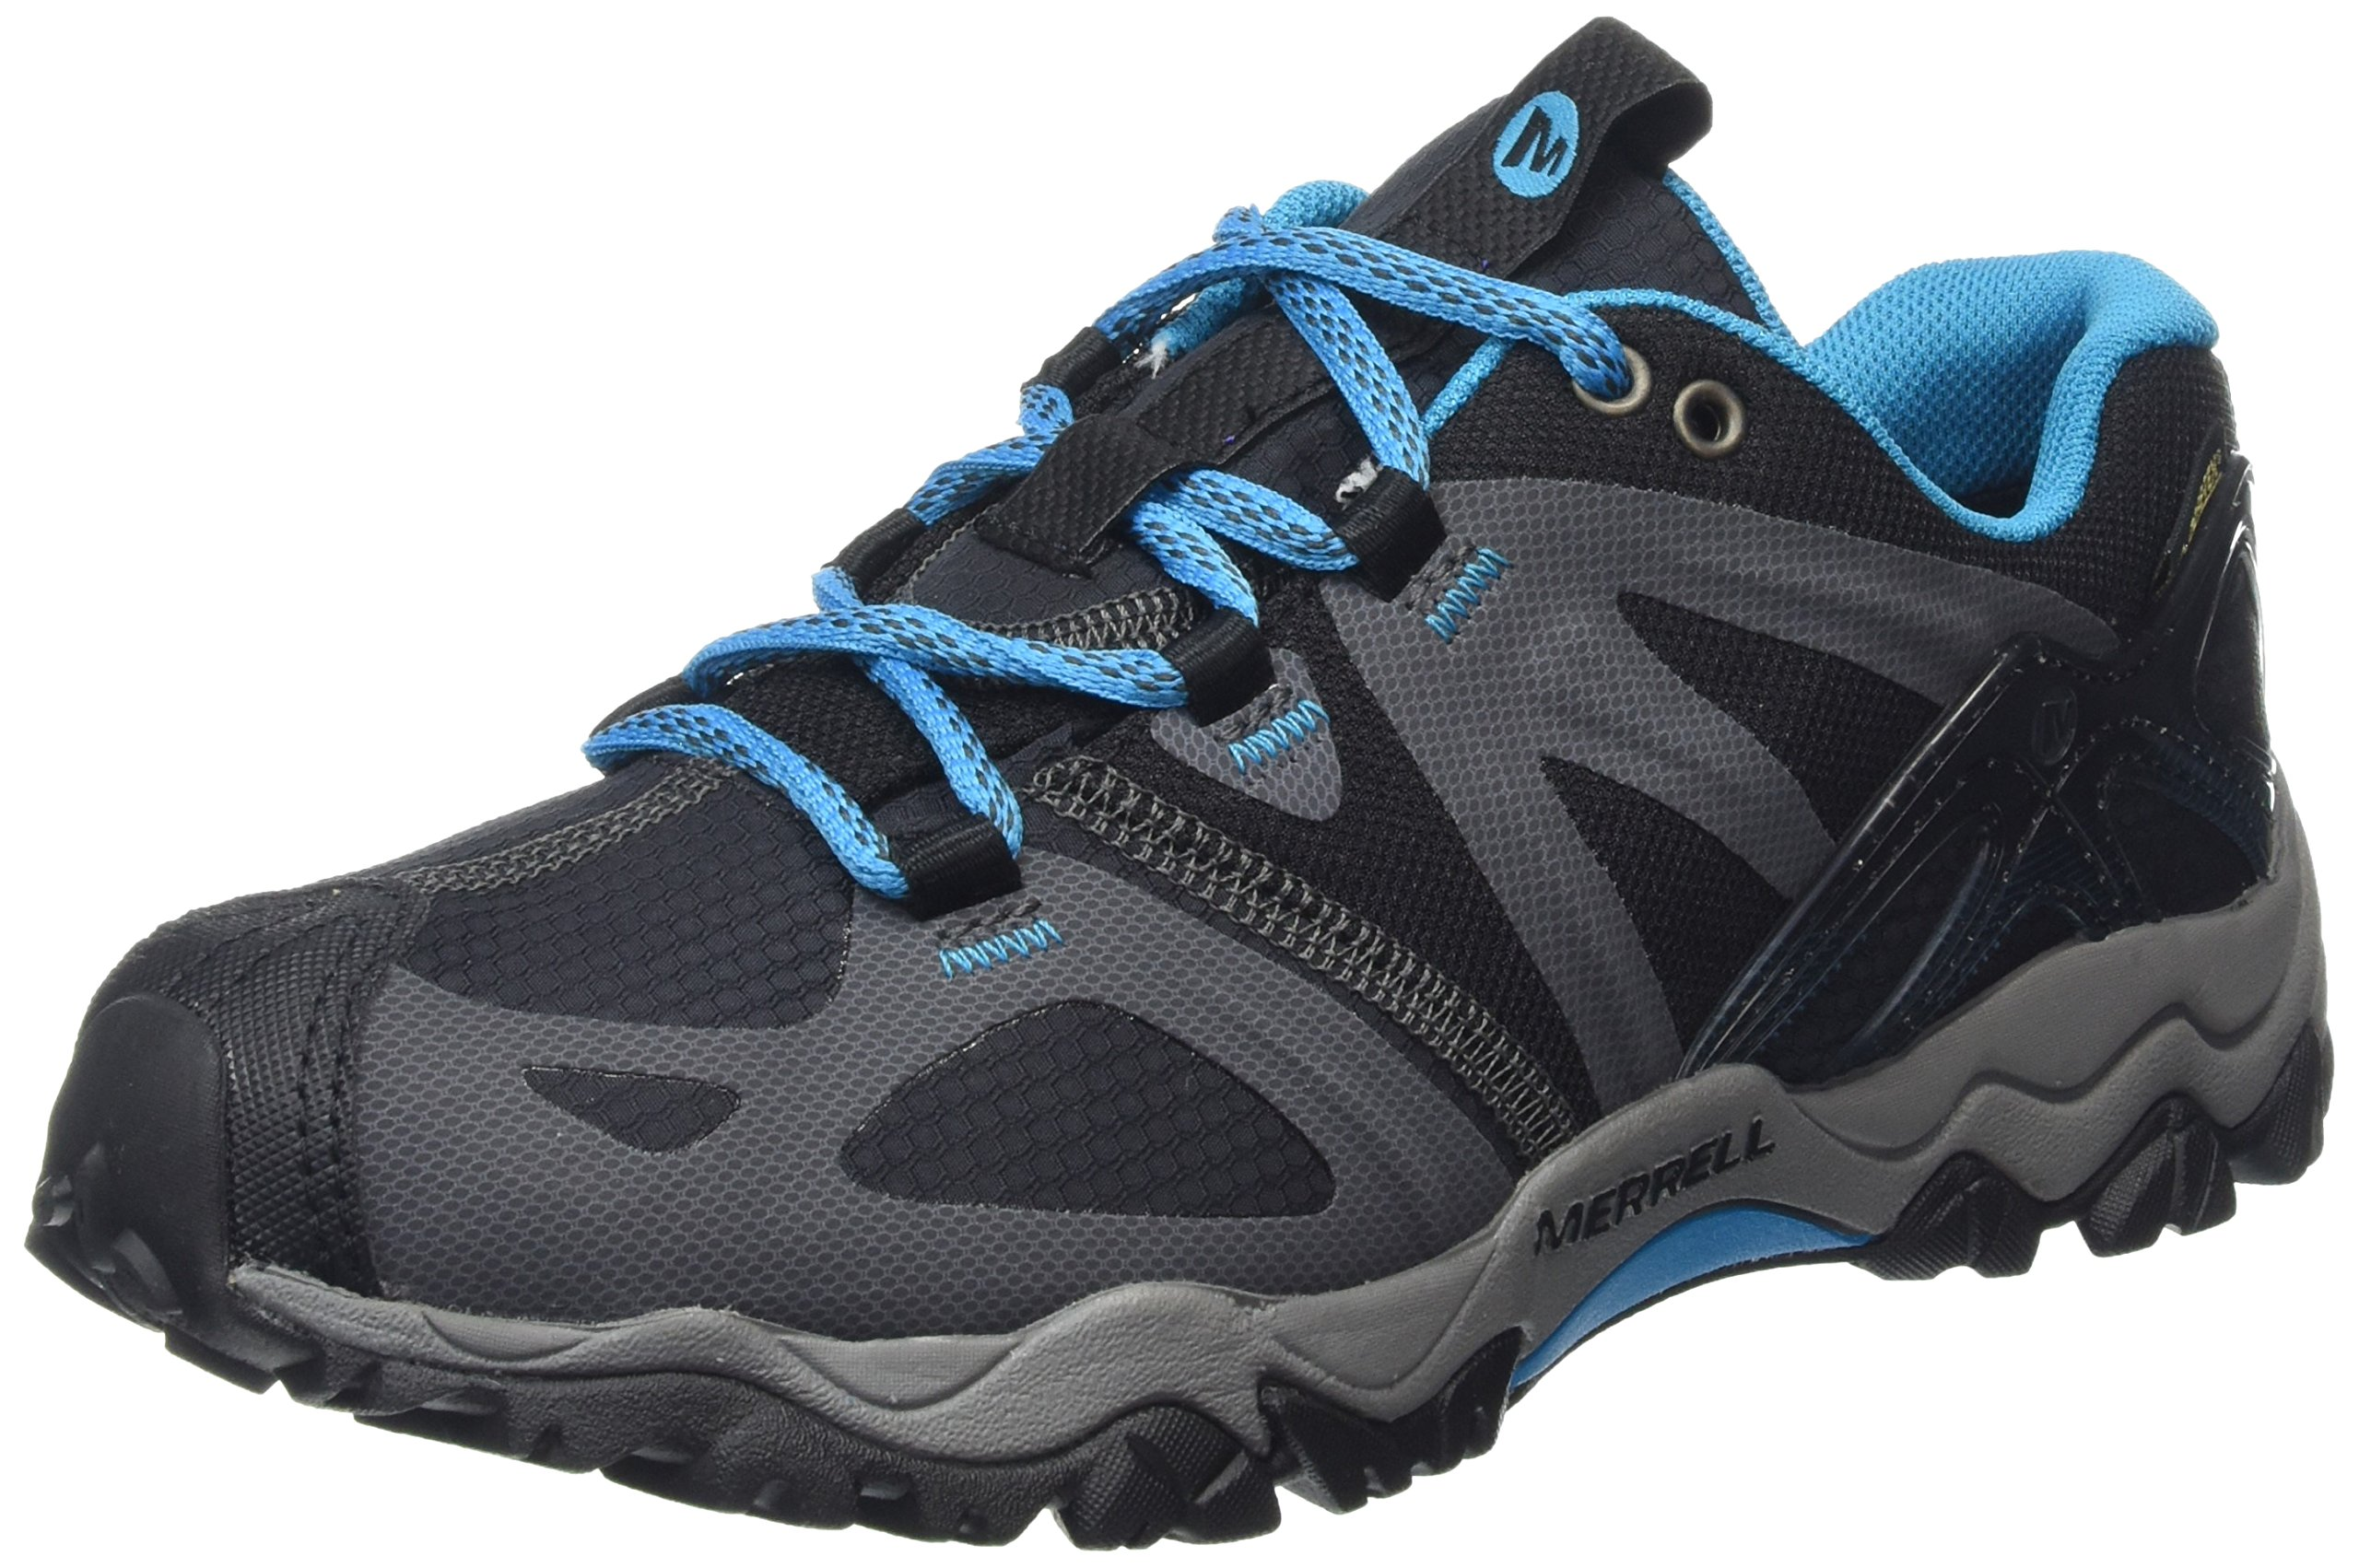 separation shoes 964ec 54ec9 Merrell Grassbow Sport Gore Tex, Chaussures de randonnée tige basse femme  product image